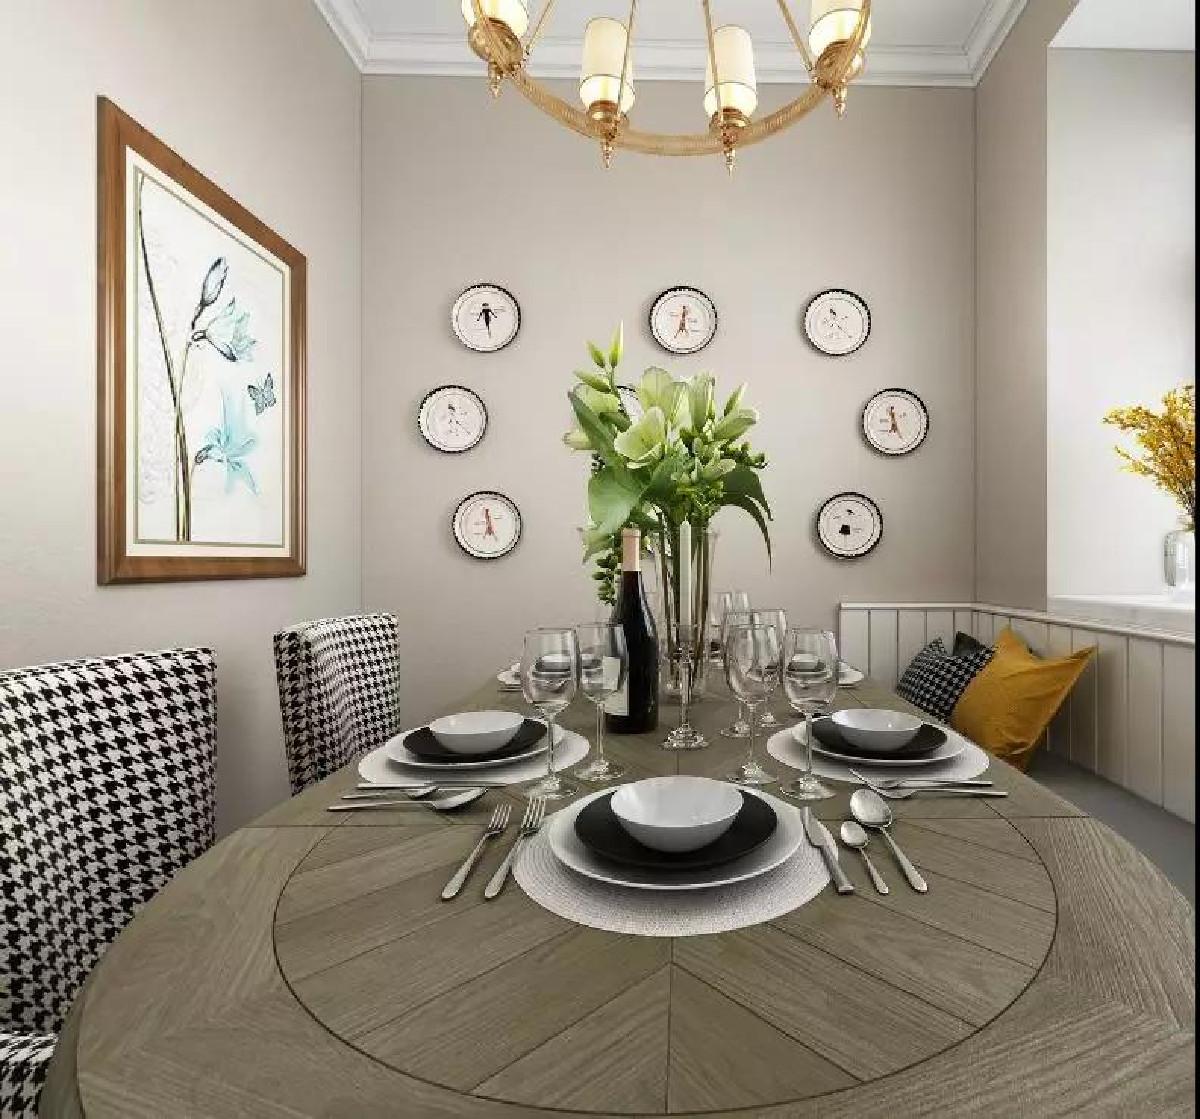 餐厅的主色调和客厅保持一致,原木餐桌一侧设计了卡座,节省空间也超实用,圆形墙面装饰新颖独特,营造了温馨的就餐氛围。